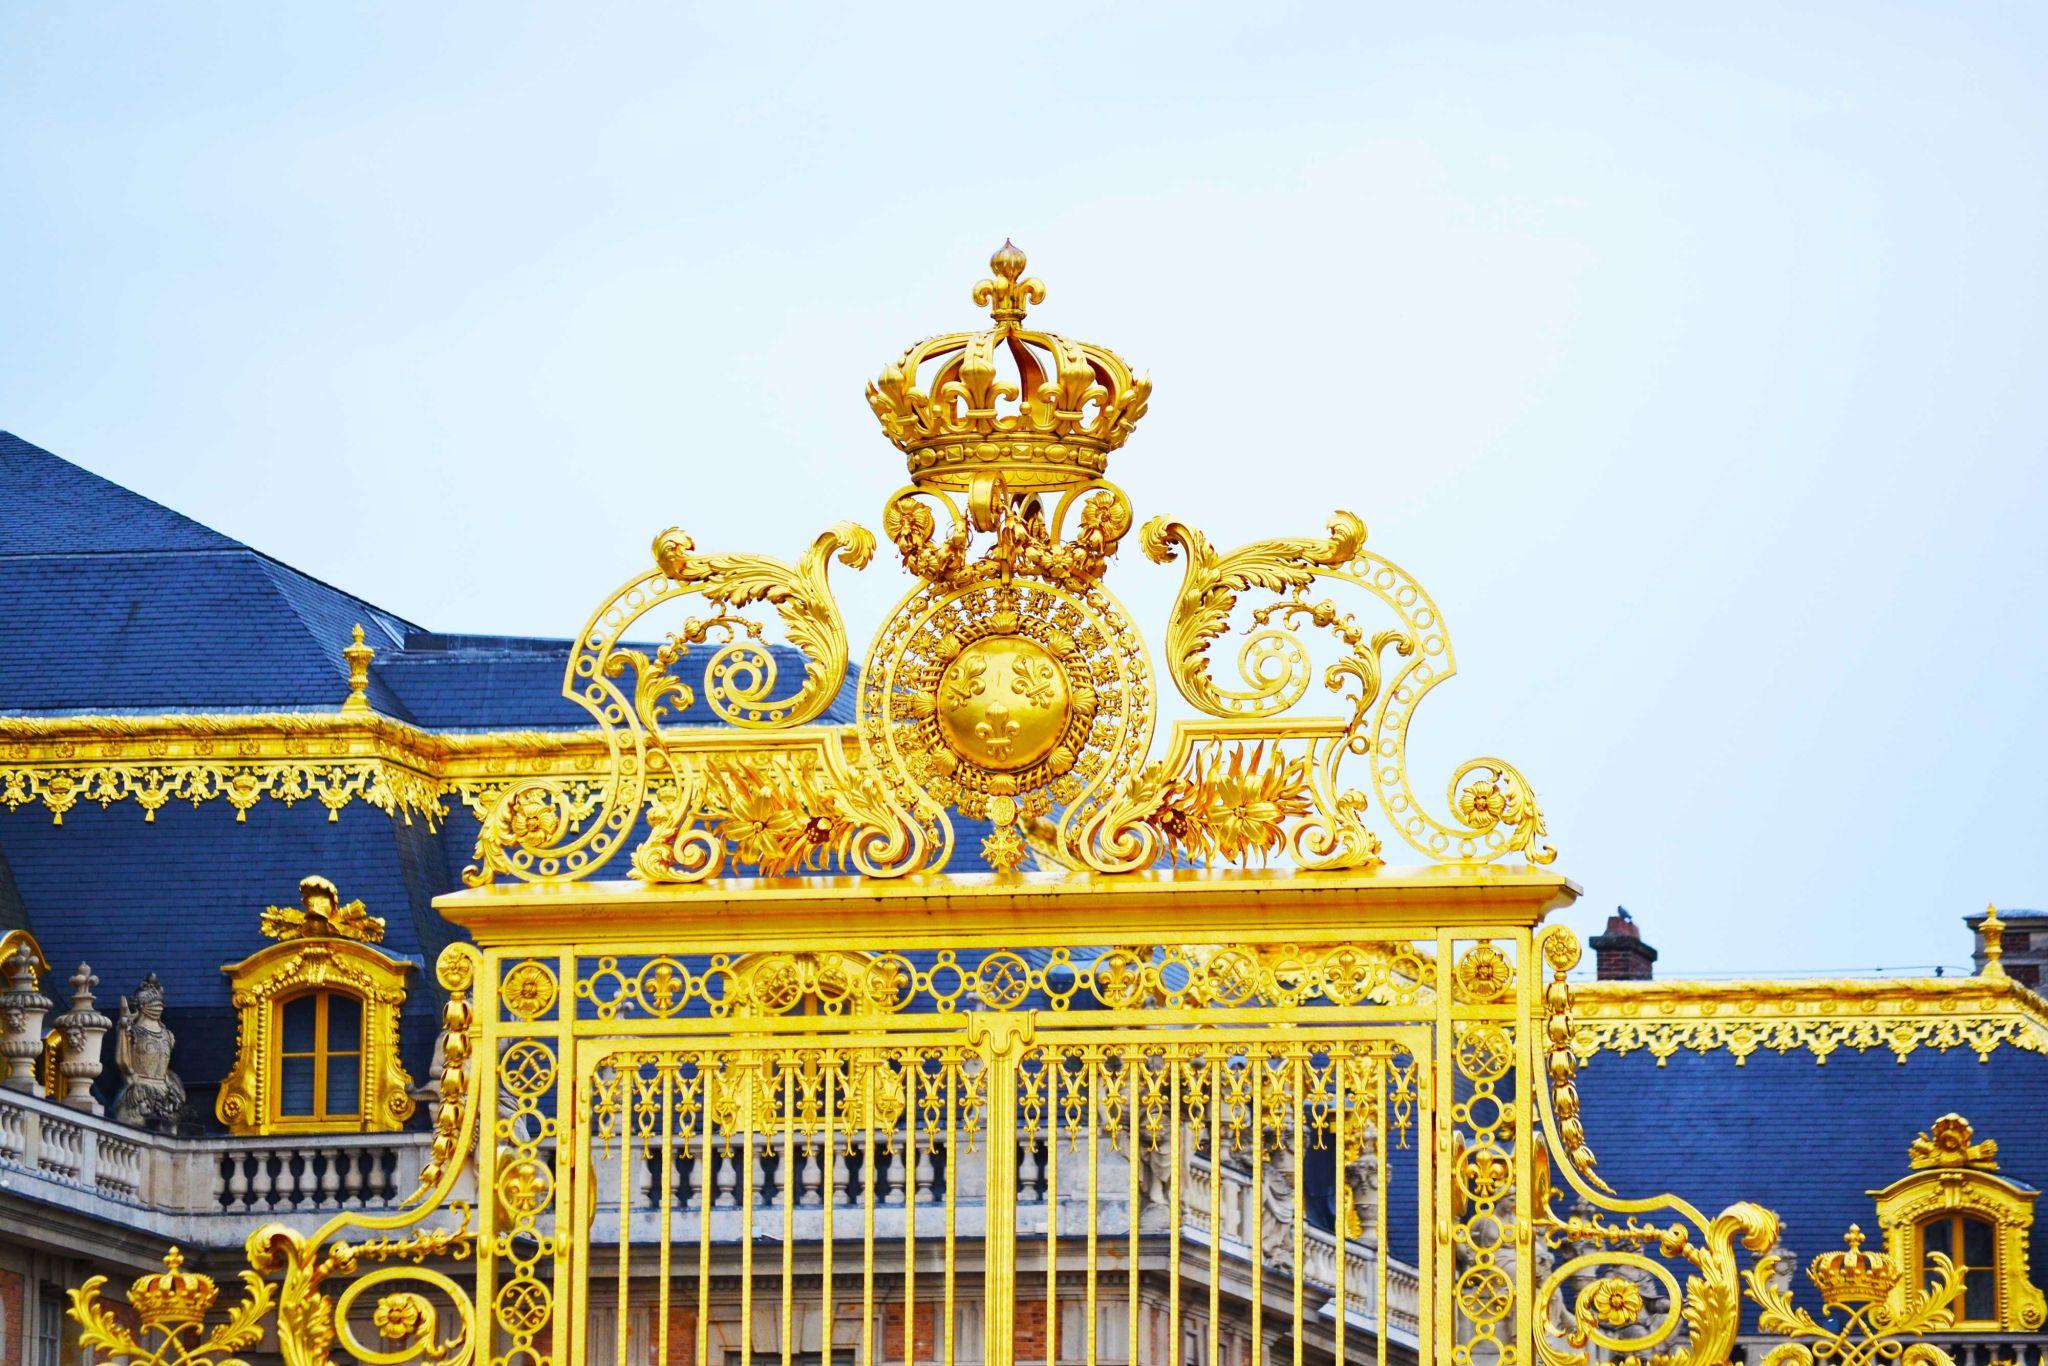 Portail royal du château de Versailles, France